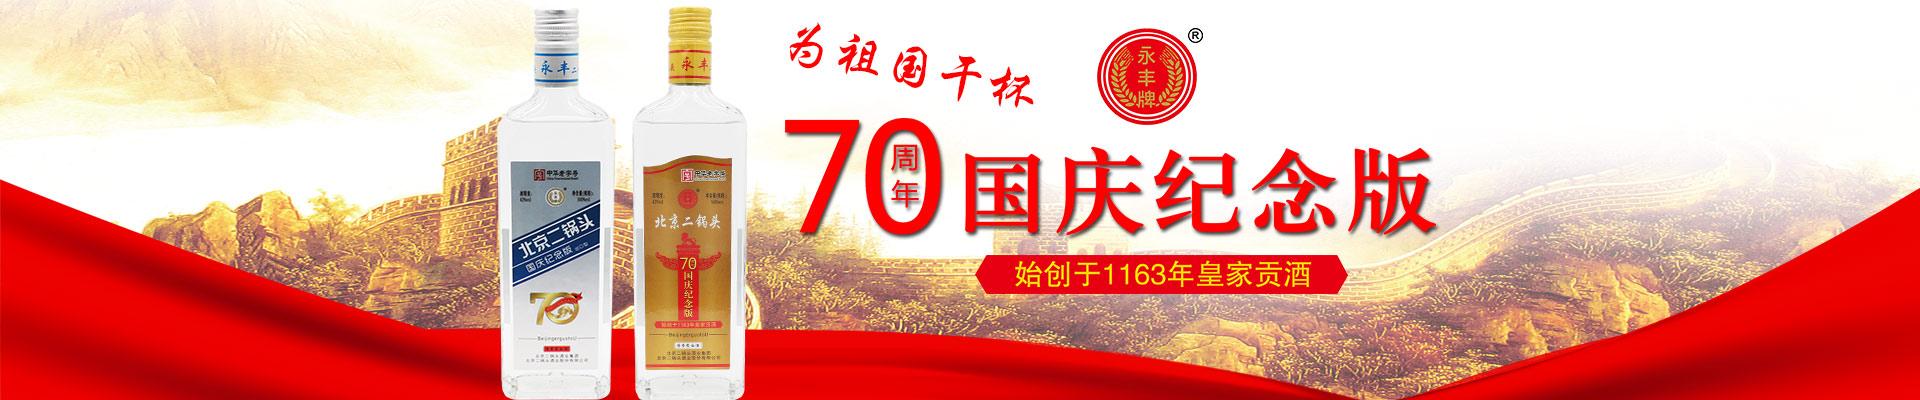 北京二锅头酒业股份有限公司·国庆纪念版